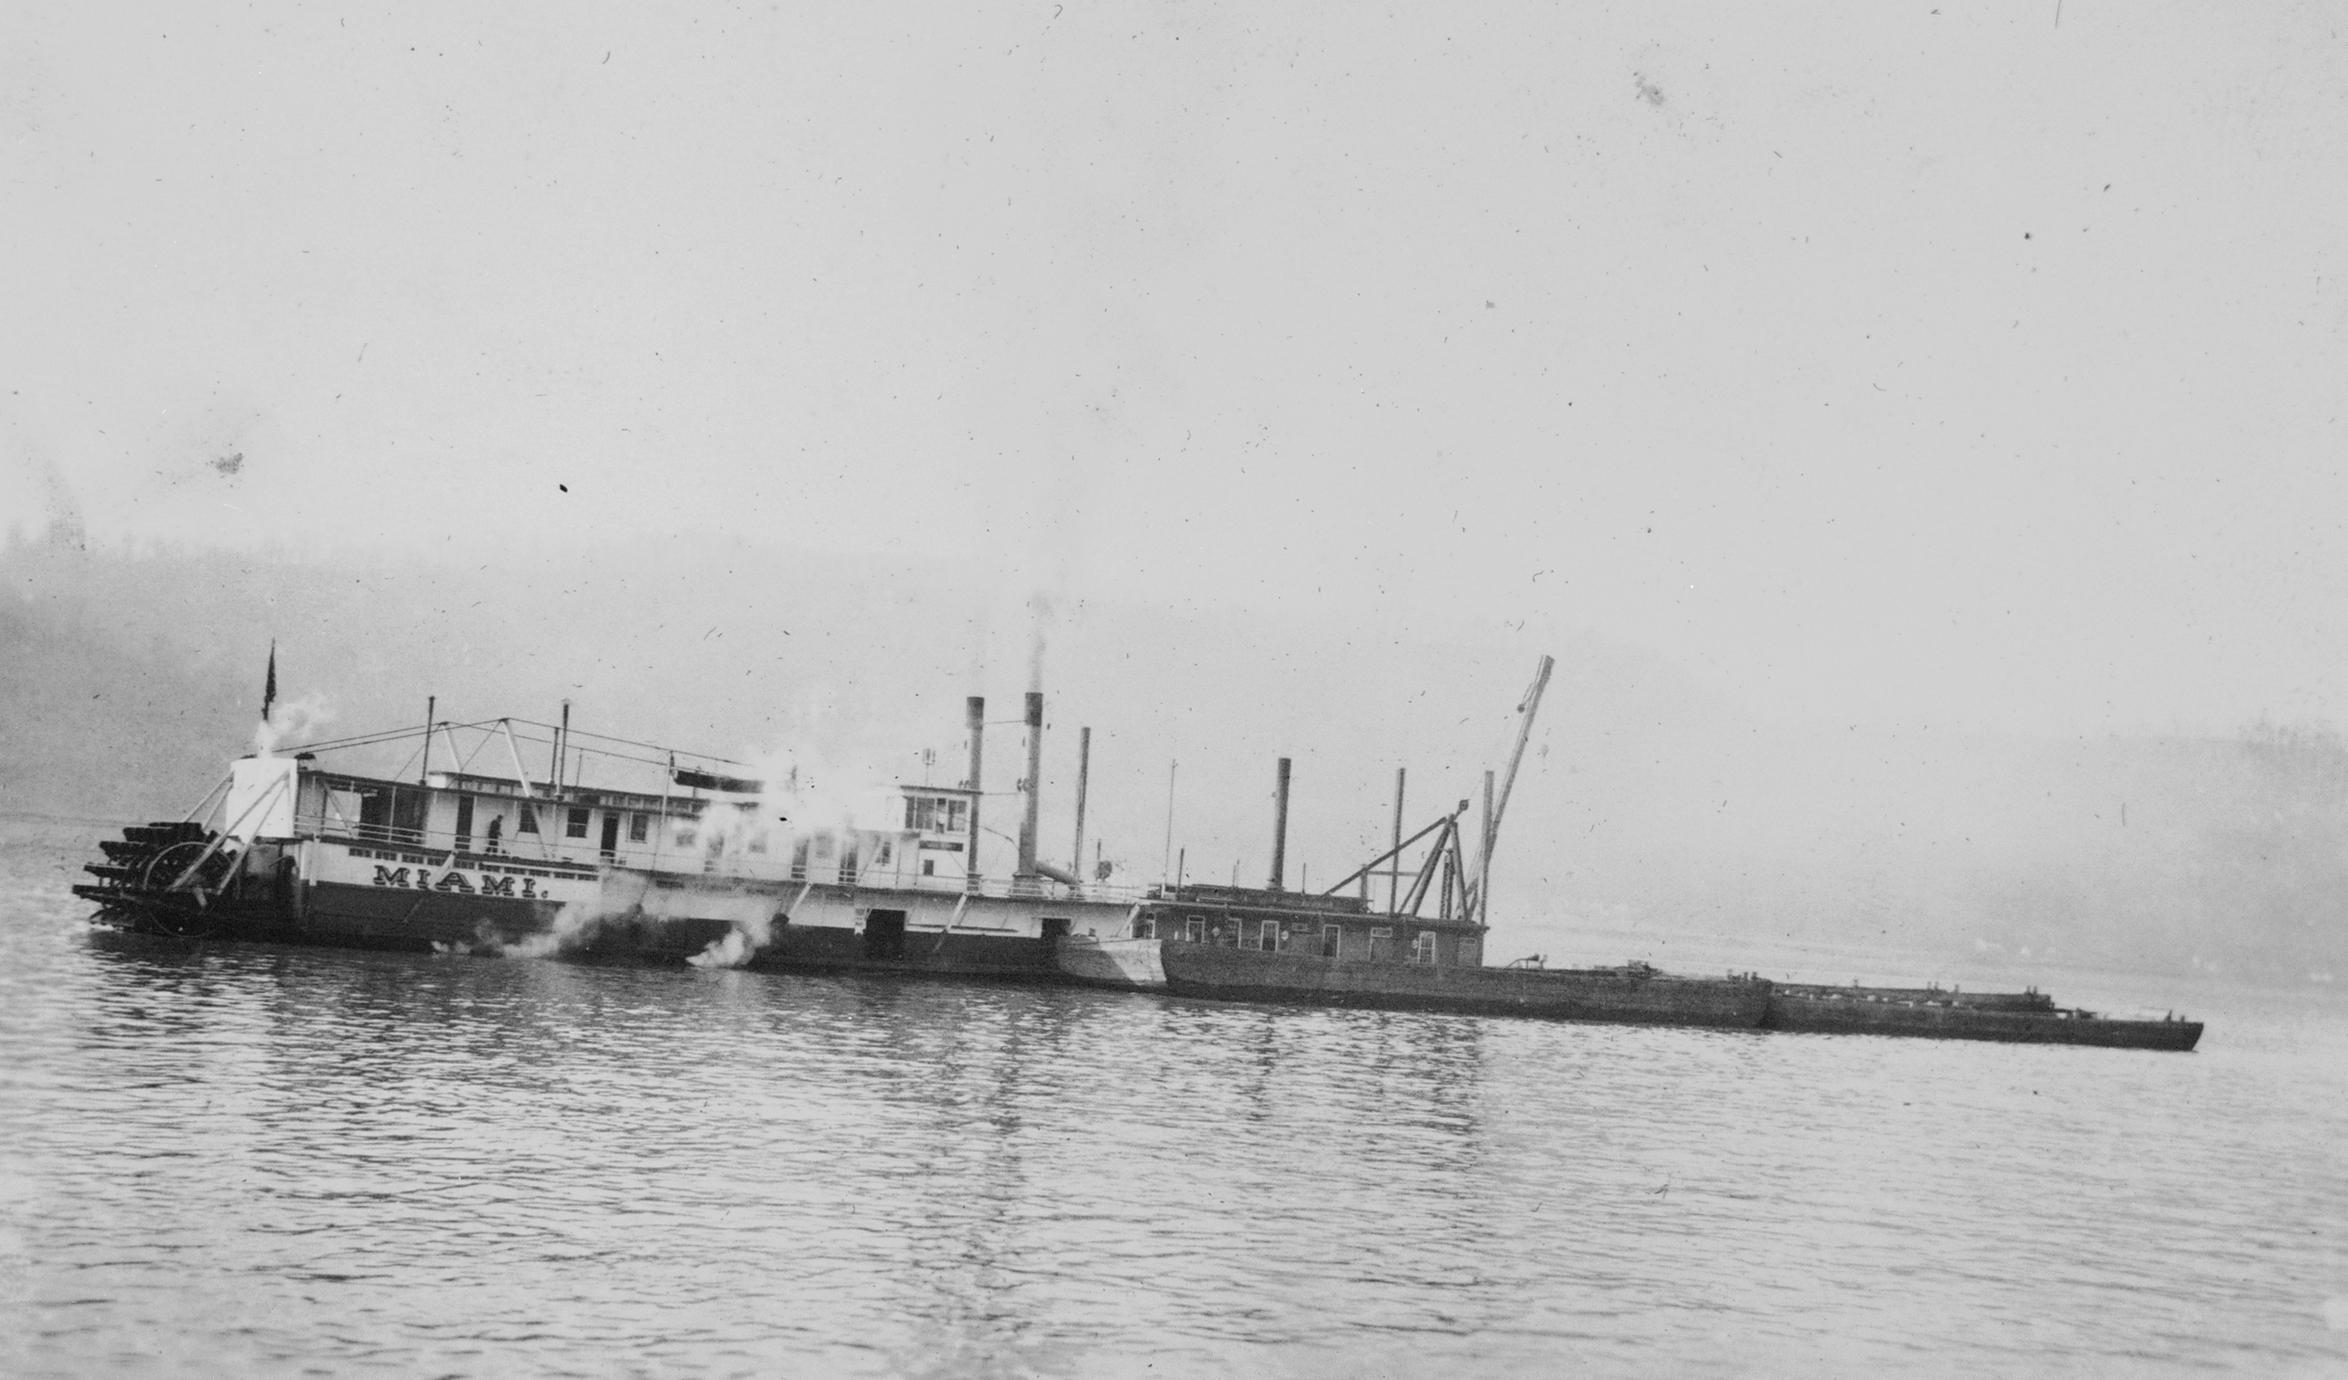 Miami (Towboat, 1912-1946)